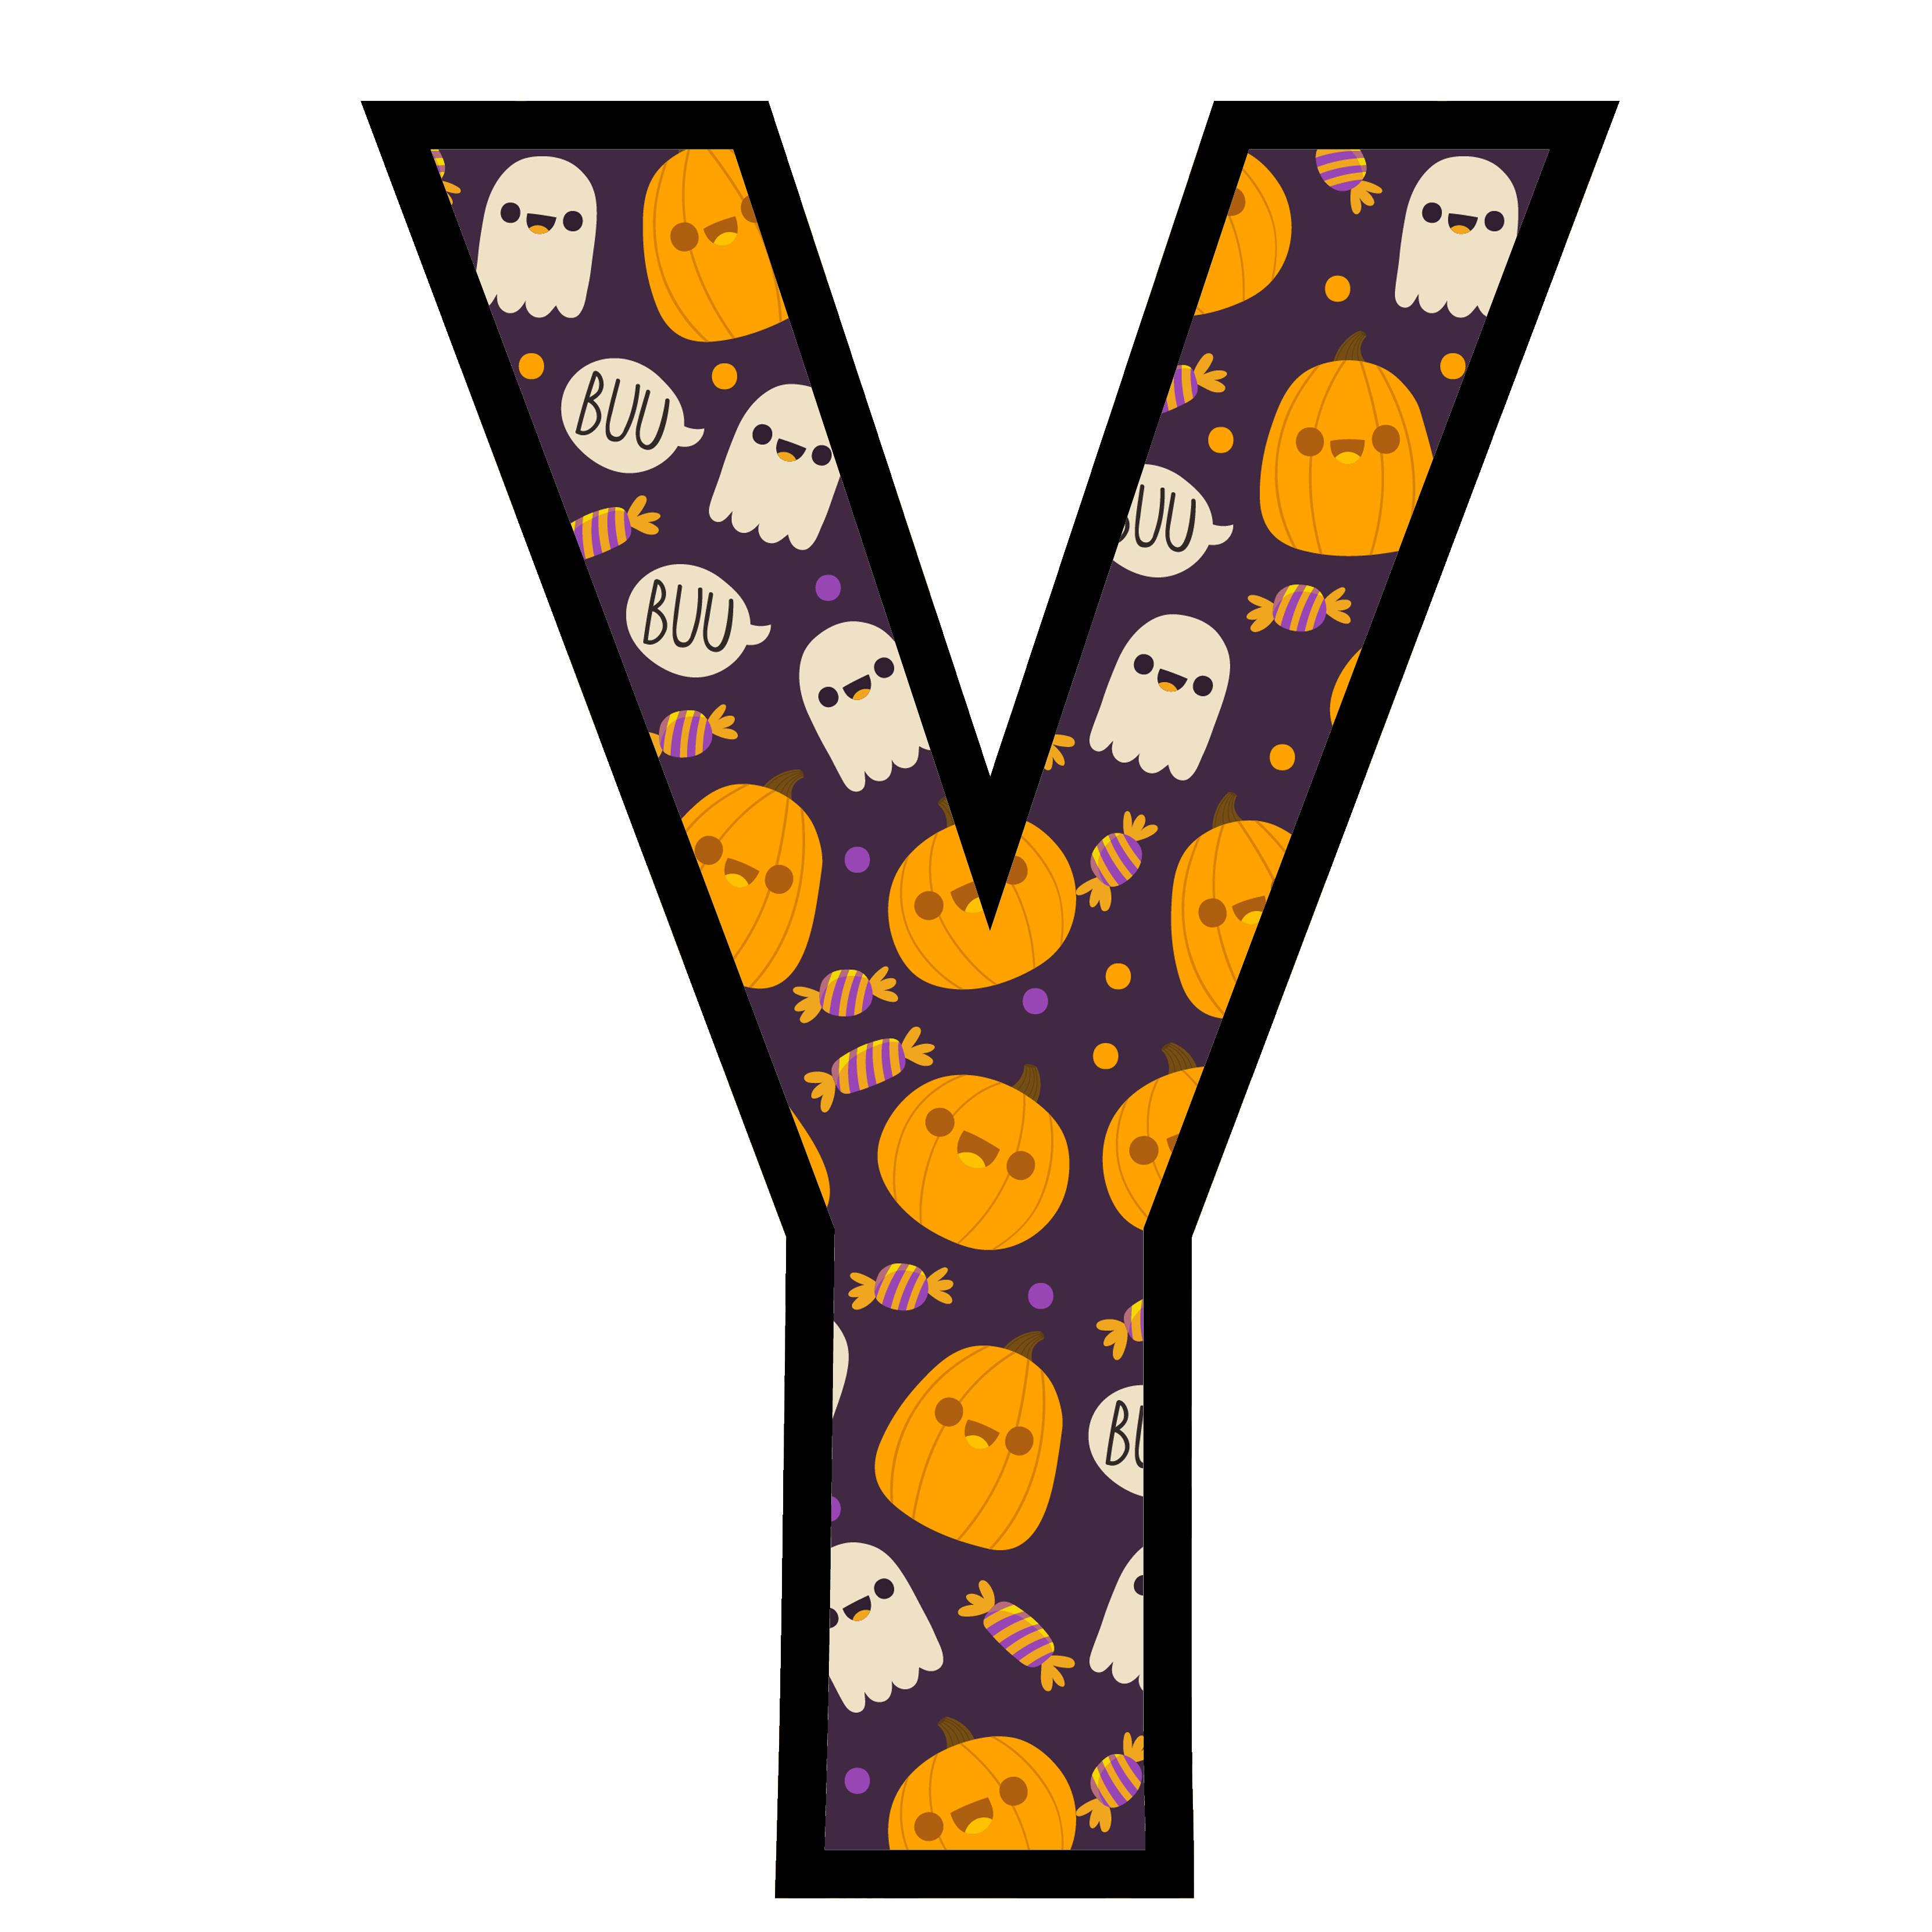 alfabeto personalizado fantasma halloween 25